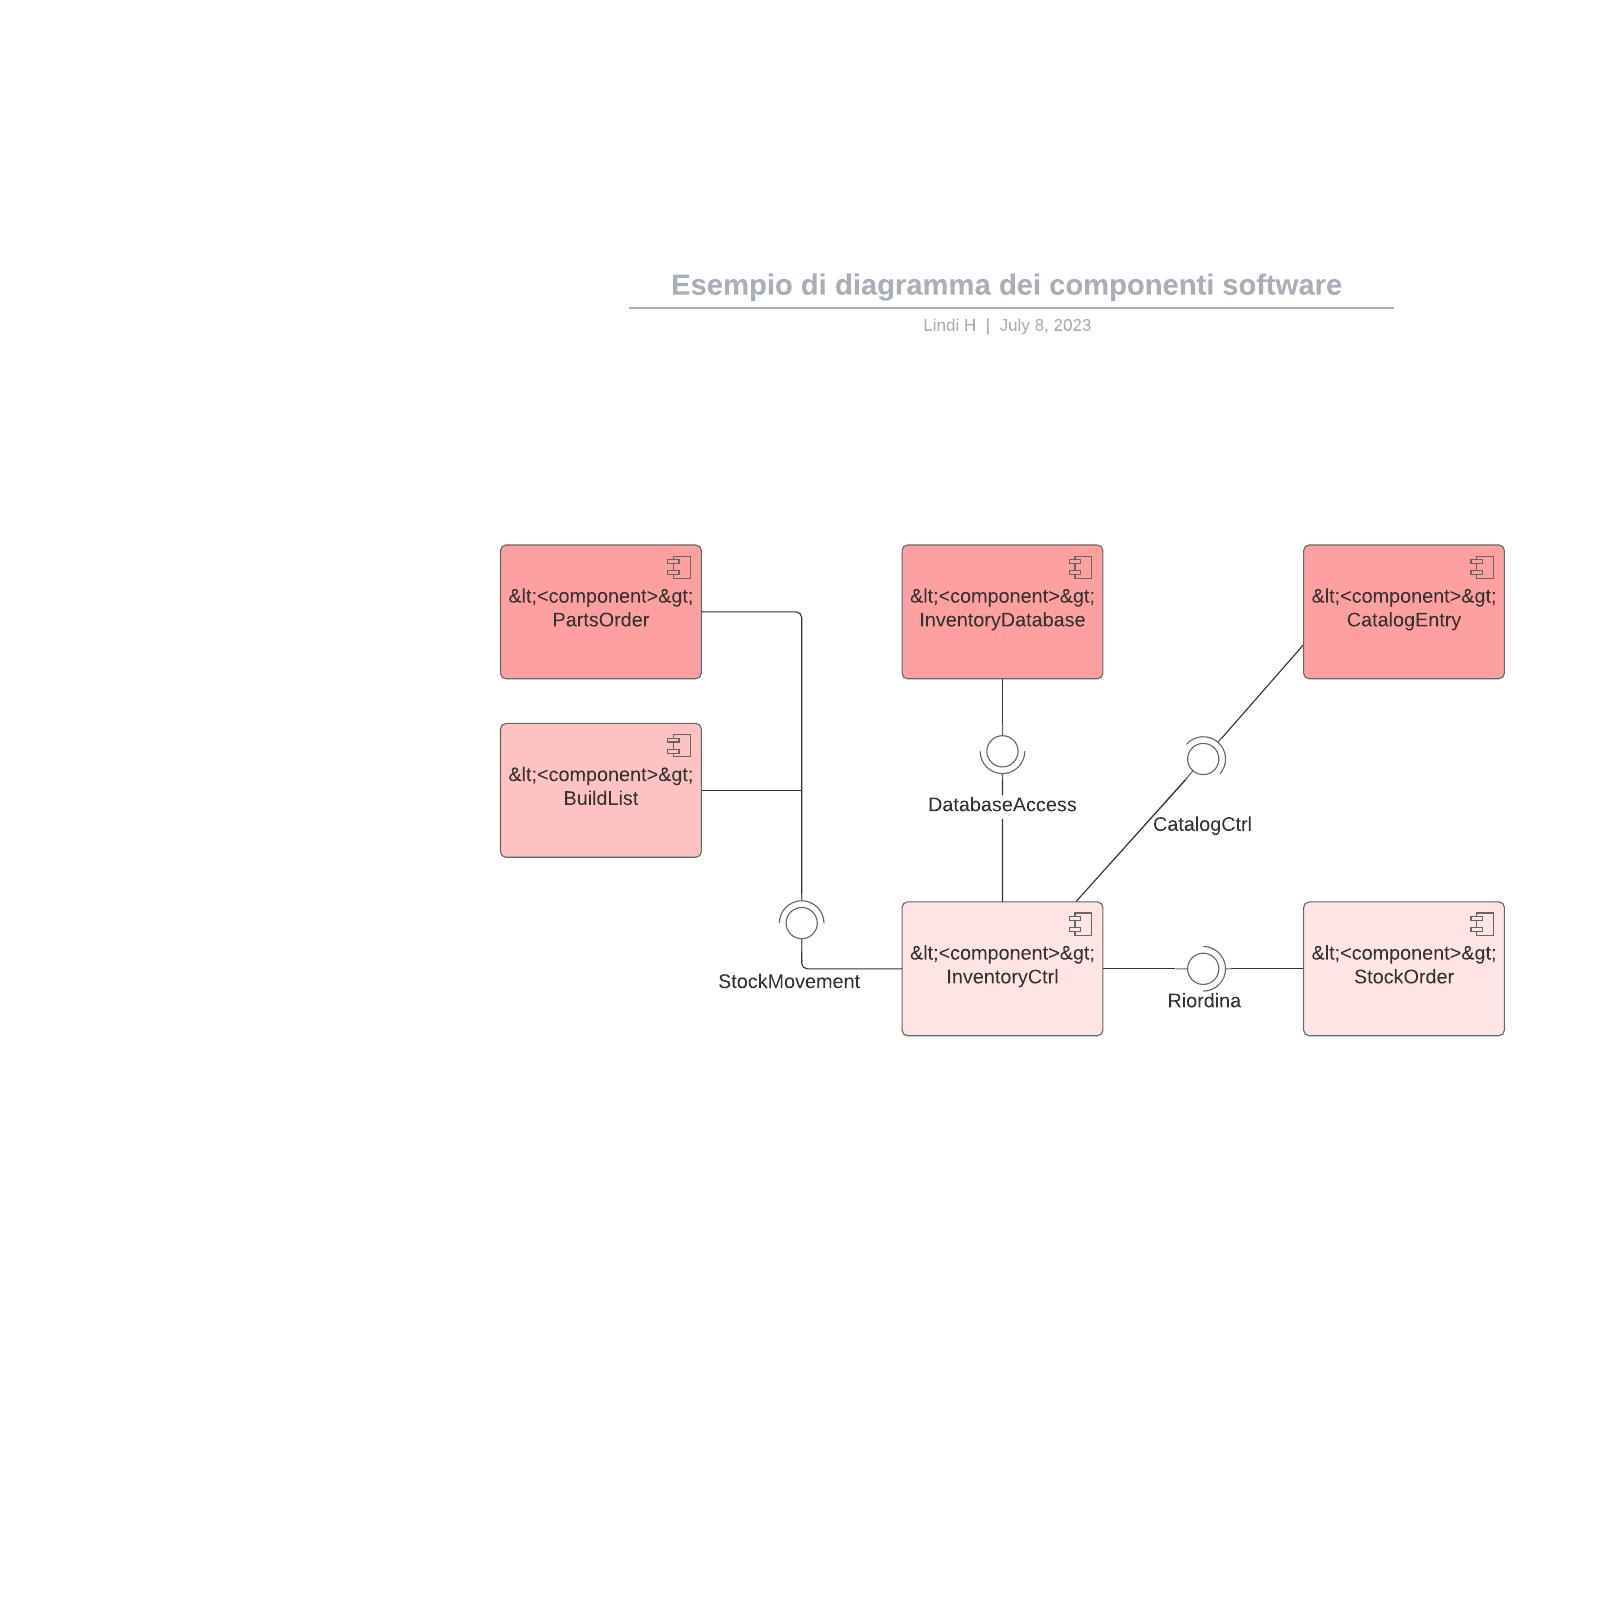 Esempio di diagramma dei componenti software